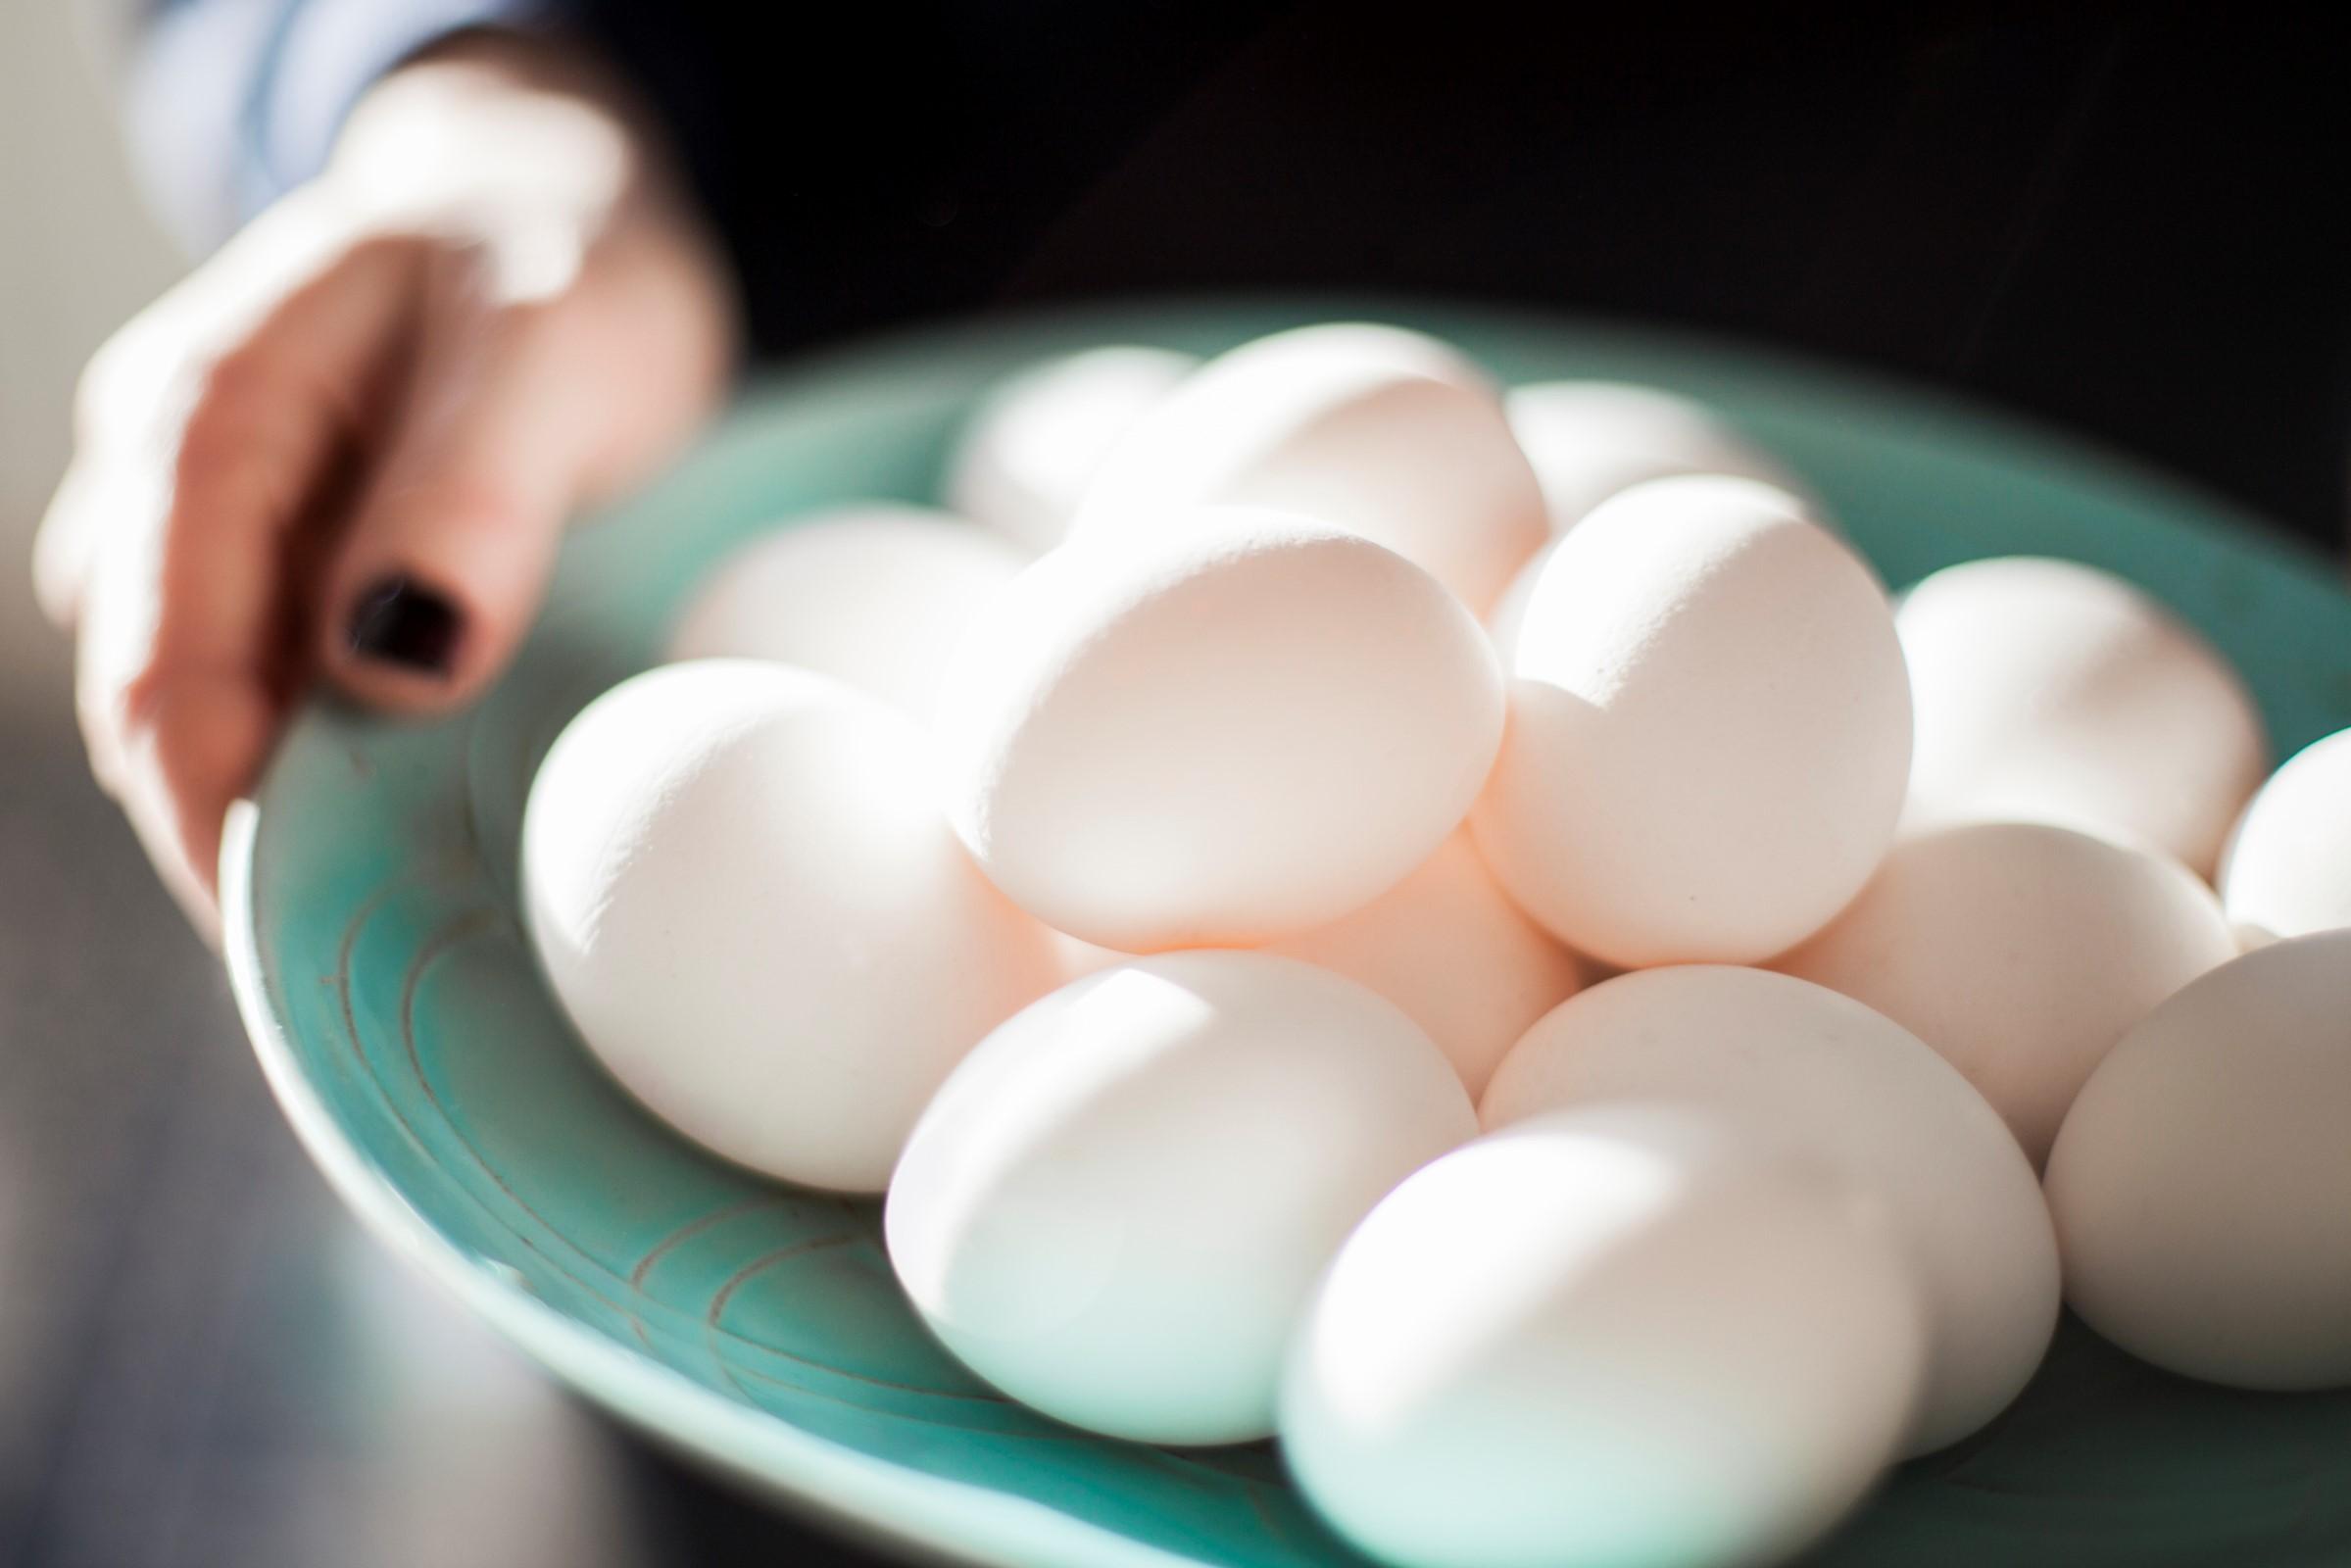 Å måtte utelate egg fra kostholdet, betyr at mange av våre vanligste matvarer og retter ikke kan spises.